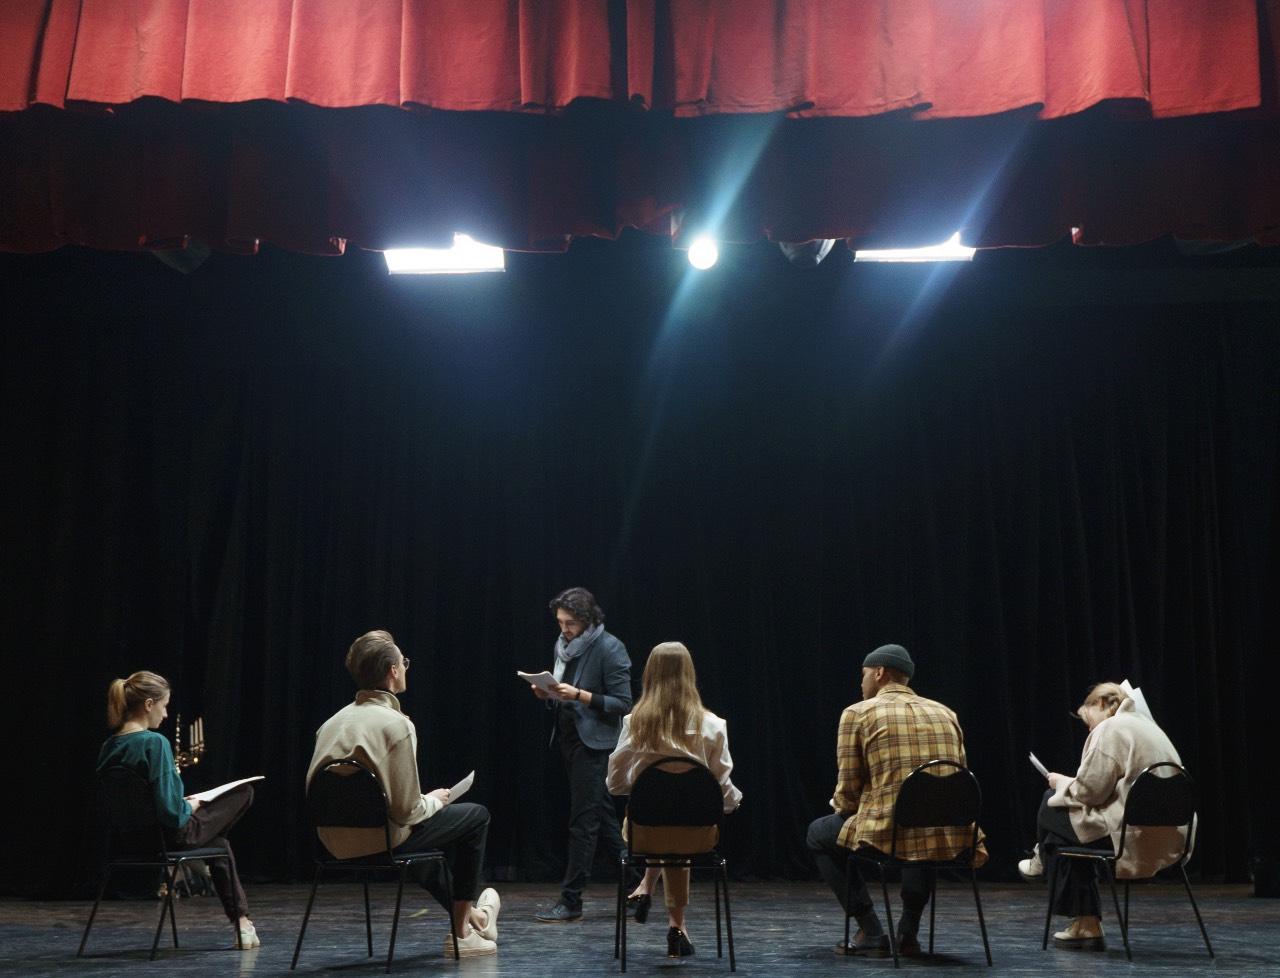 Laboratorio teatro giovanile foto di Cottonbro-6896181 pexels